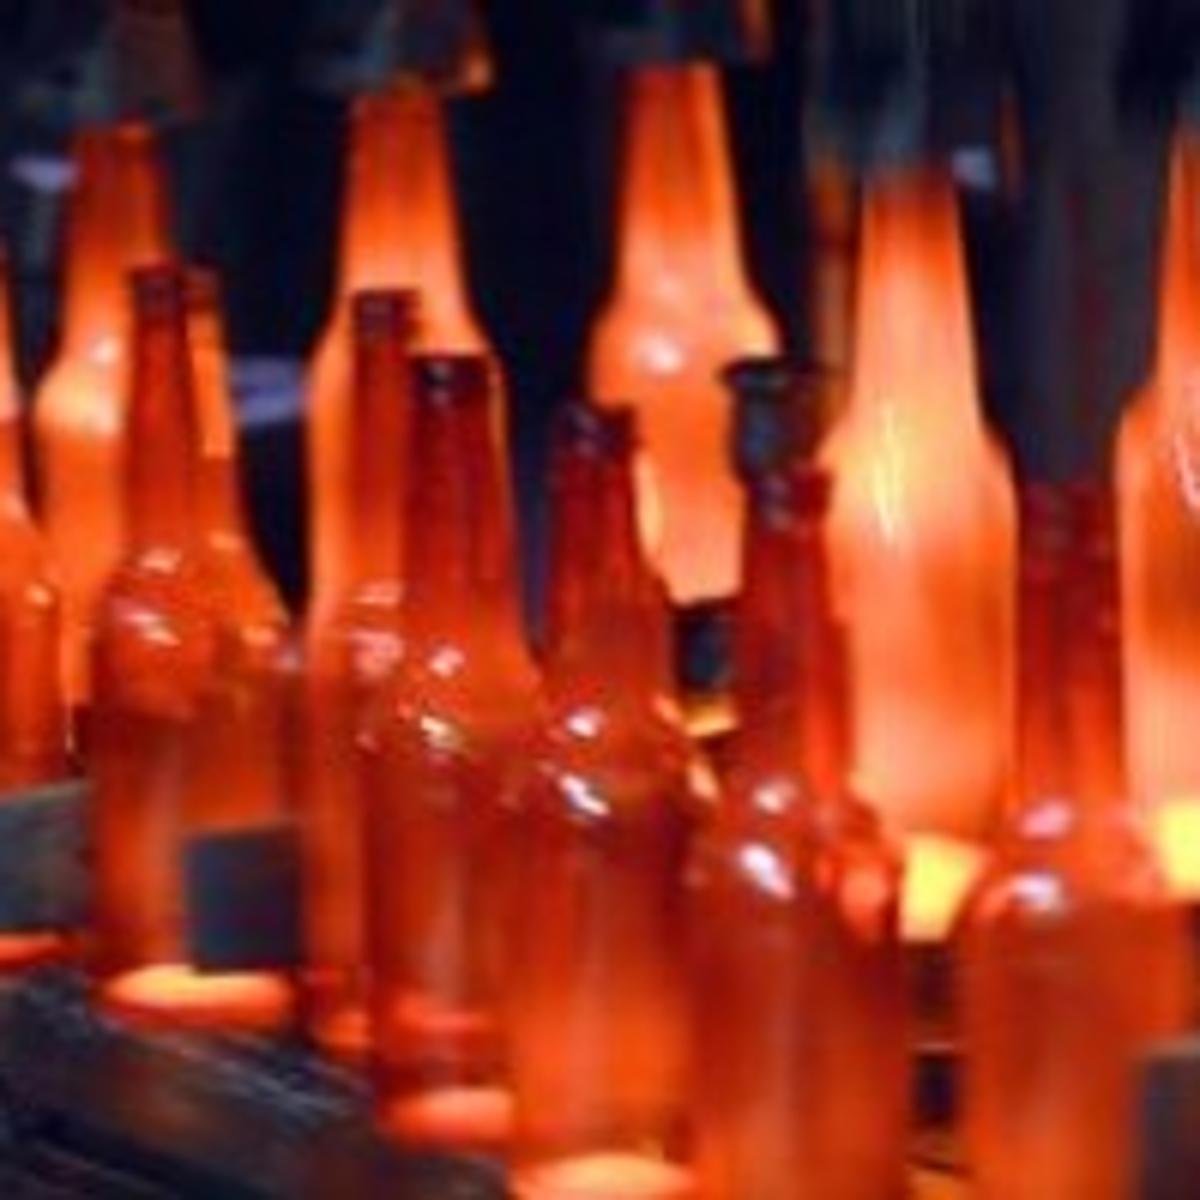 Old owens bottles Owens Bottle